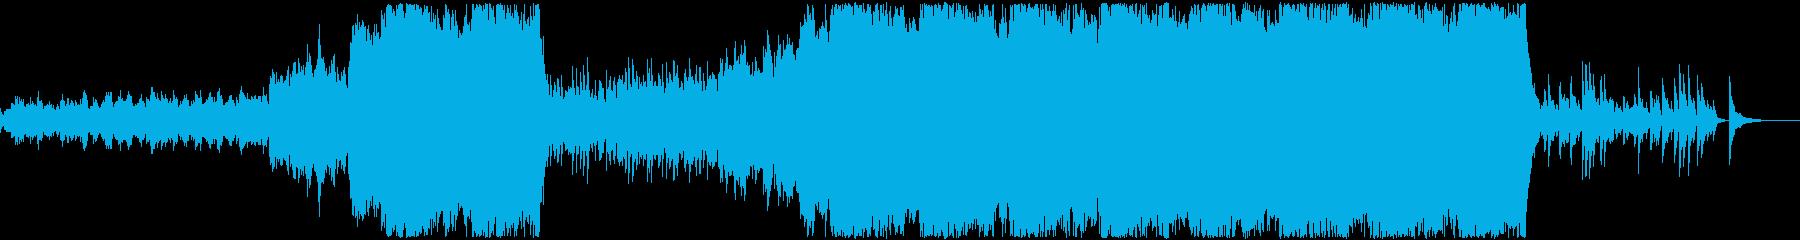 クリスマス オーケストラ 木琴 エ...の再生済みの波形